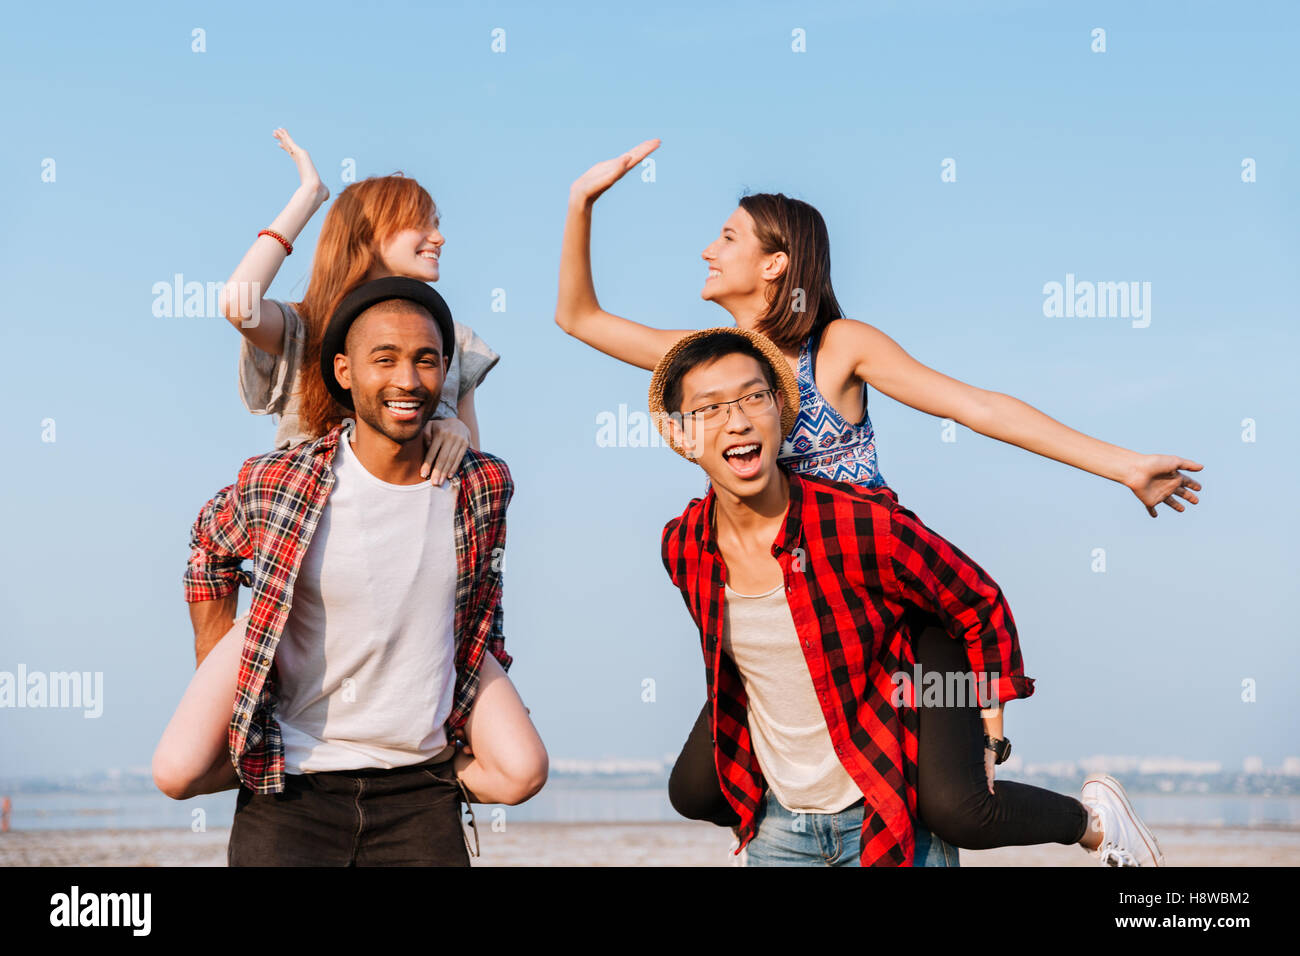 Dos parejas jóvenes felices dando alta cinco y divertirse al aire libre Foto de stock